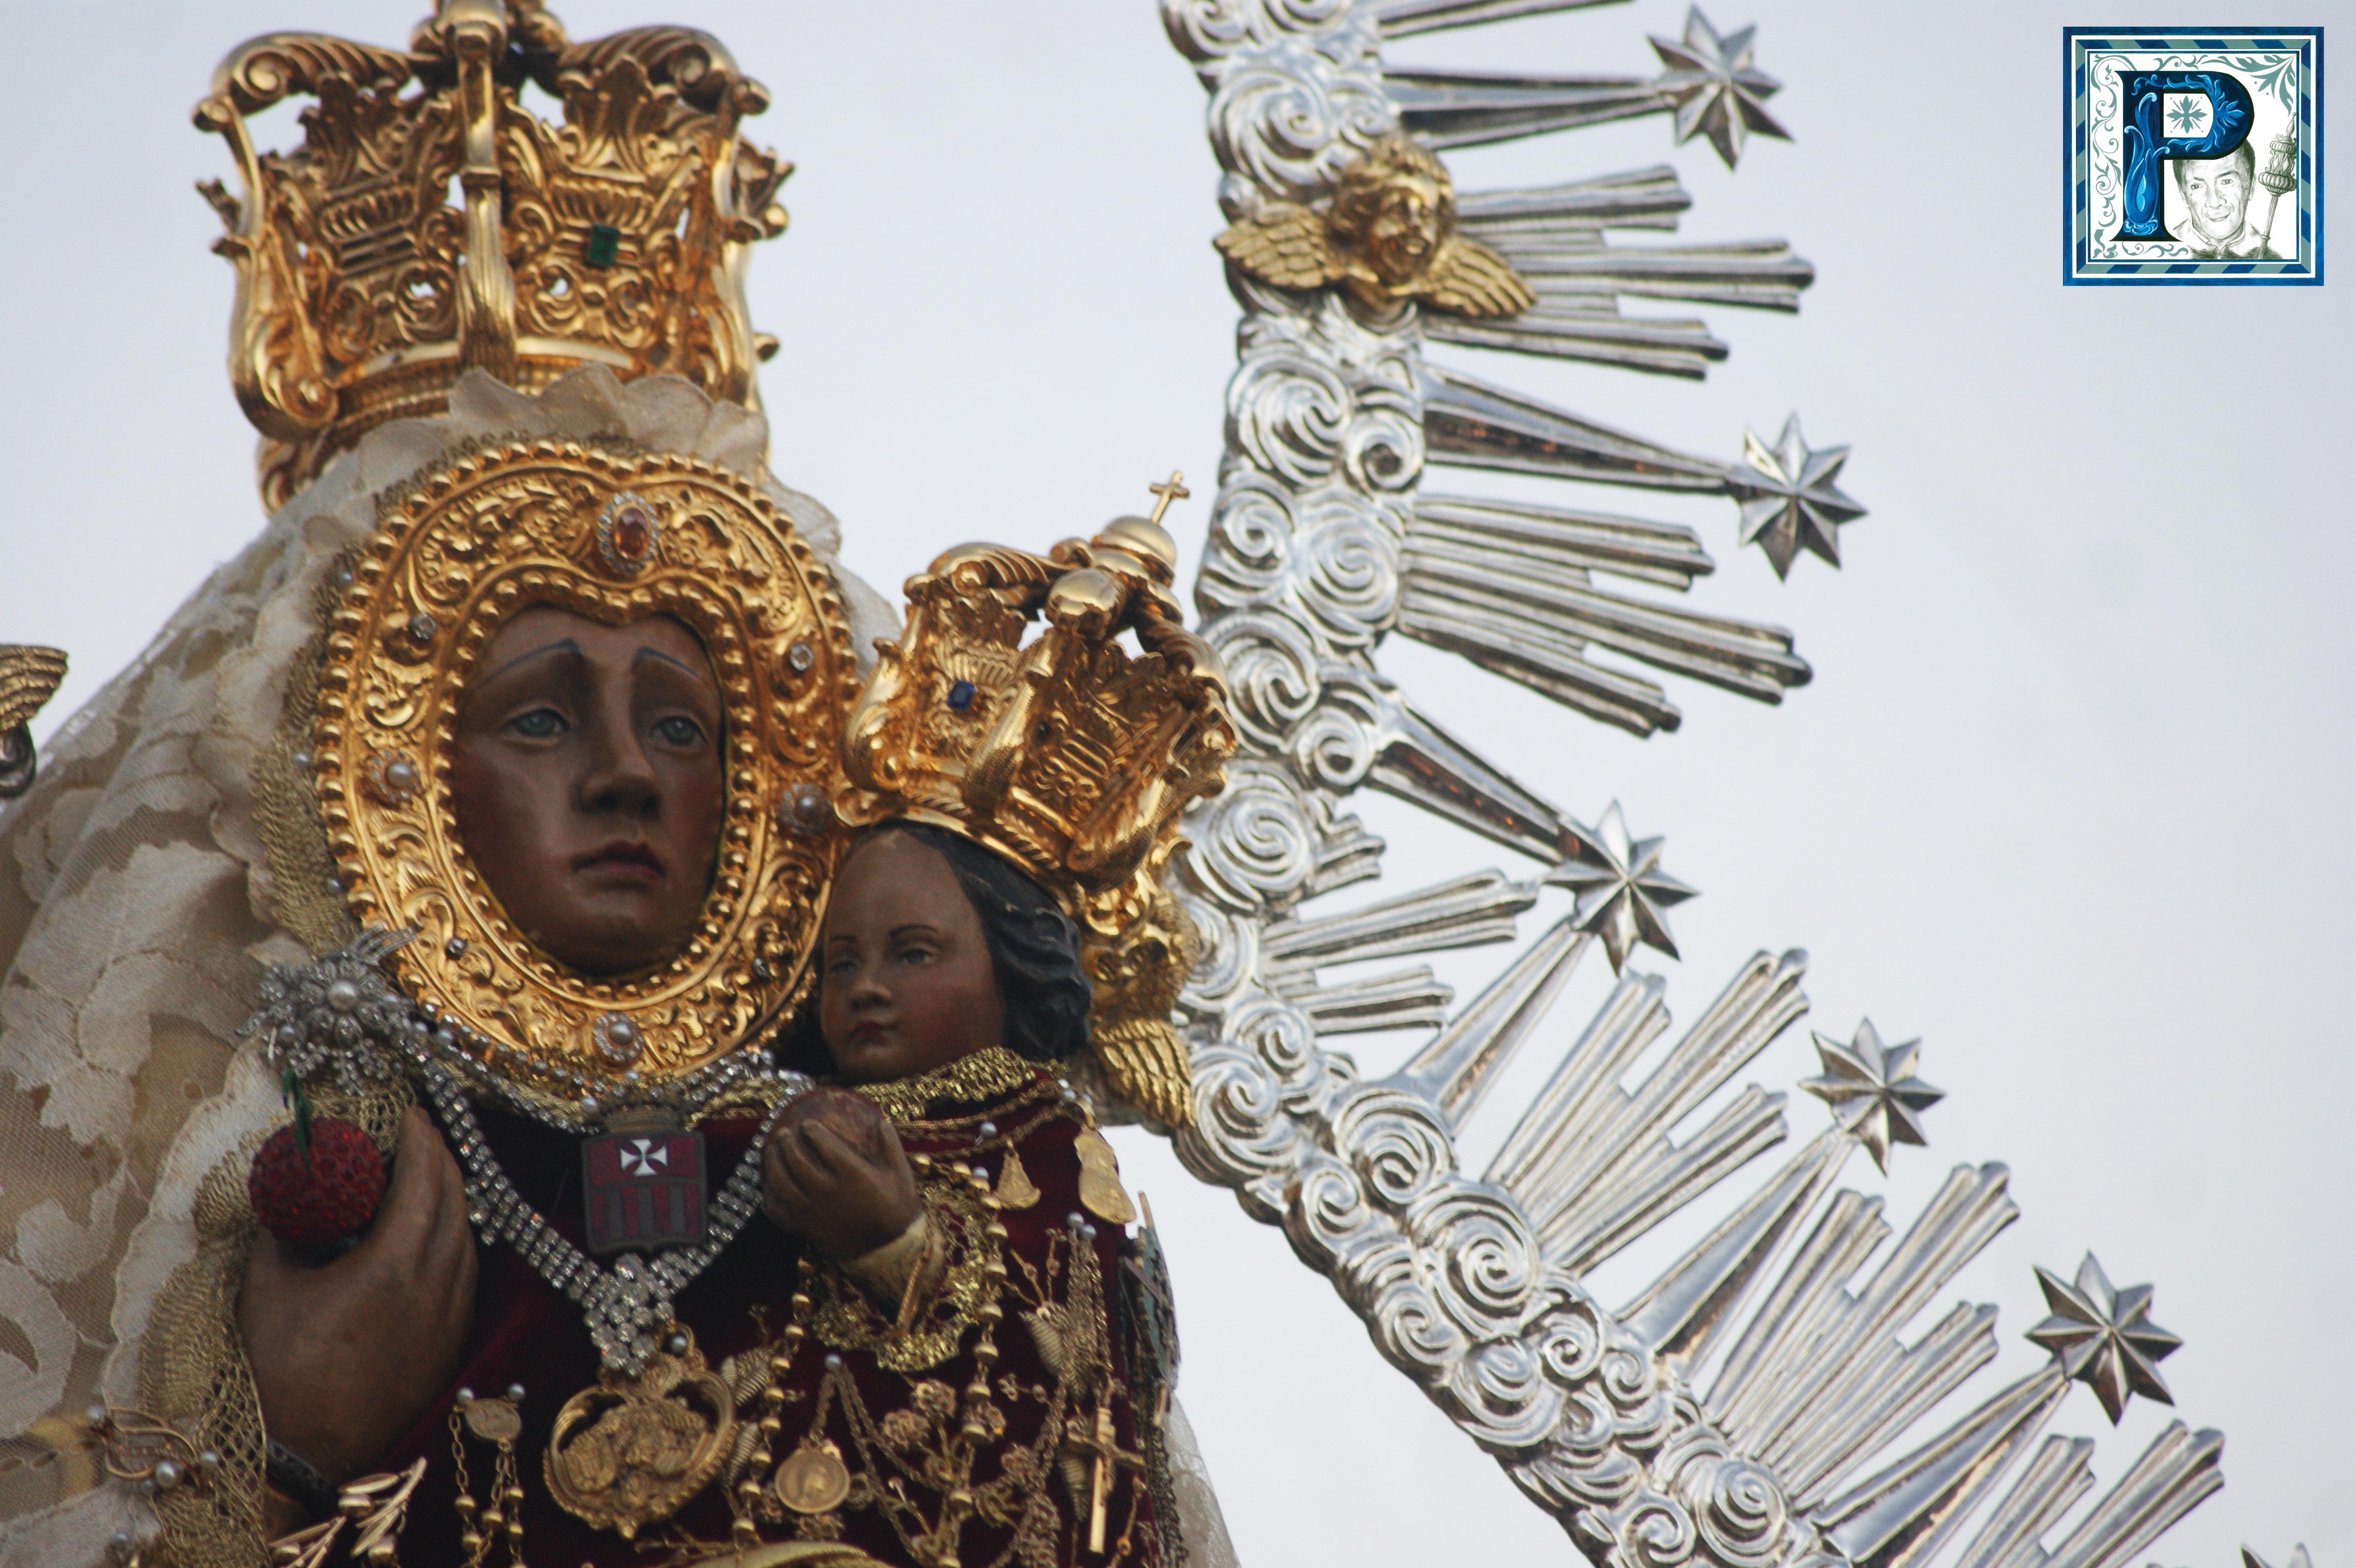 Jose Luis Montes pregonero de la Virgen de la Cabeza